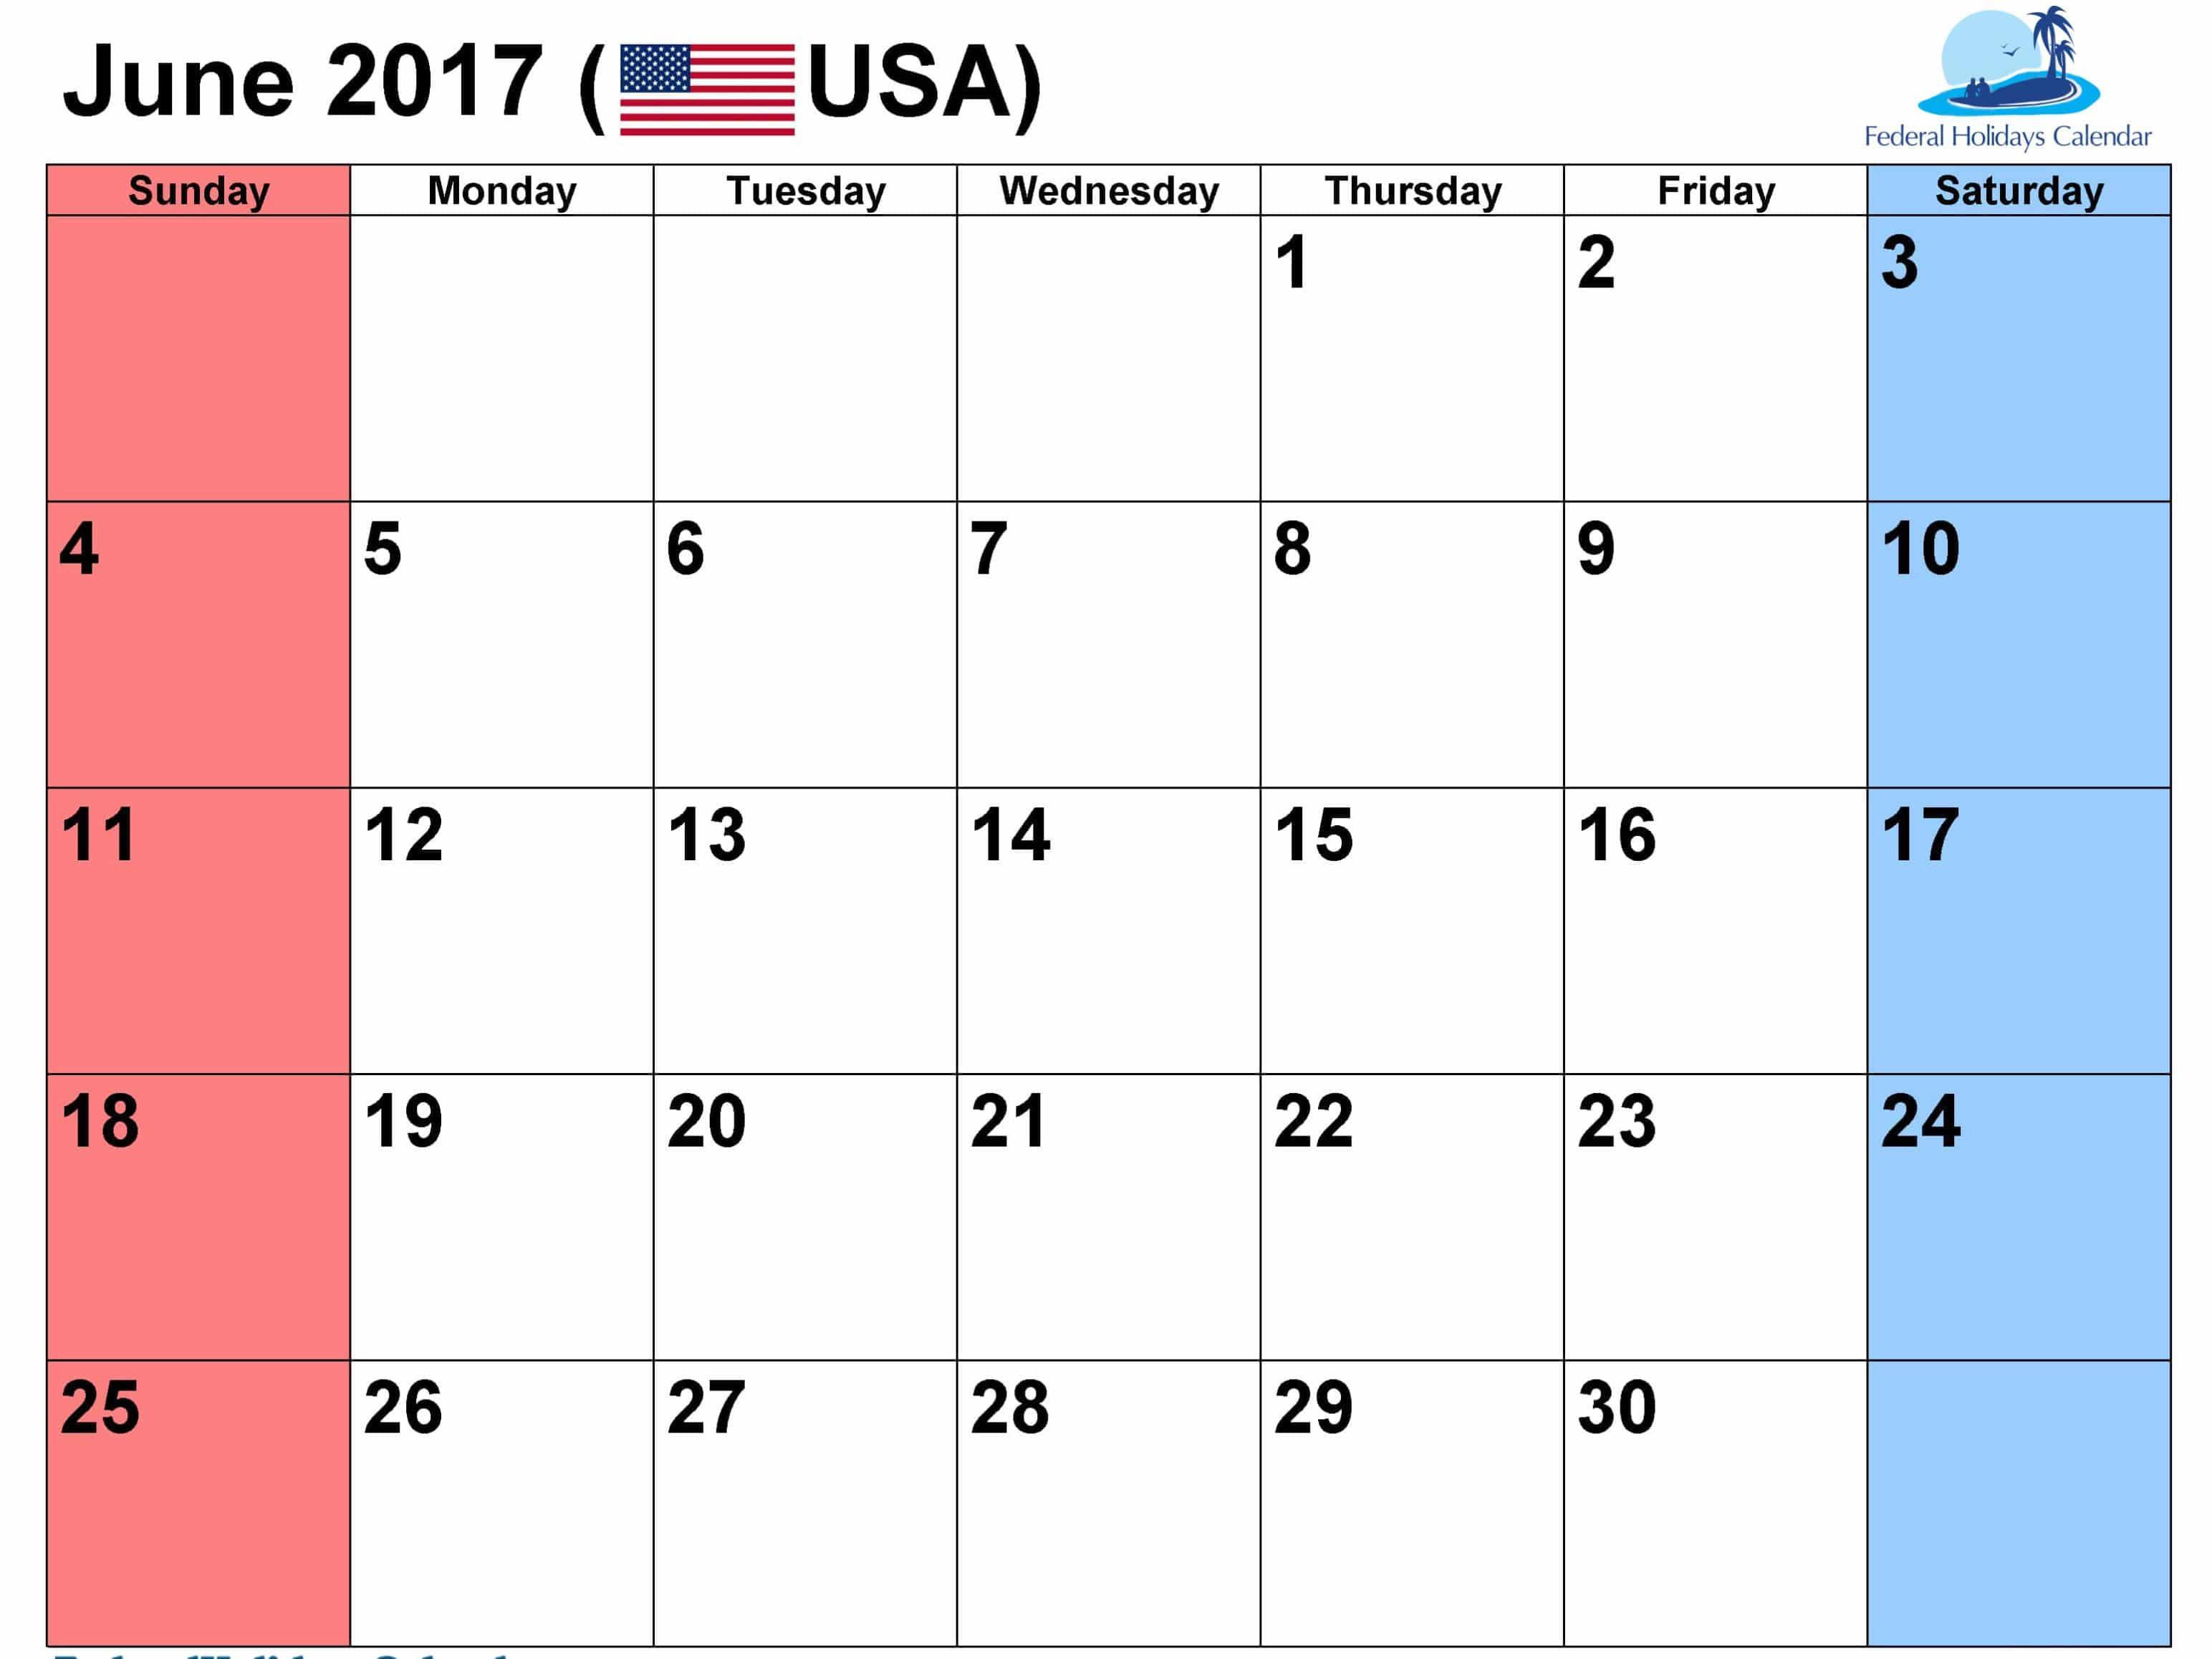 June 2017 calendar USA